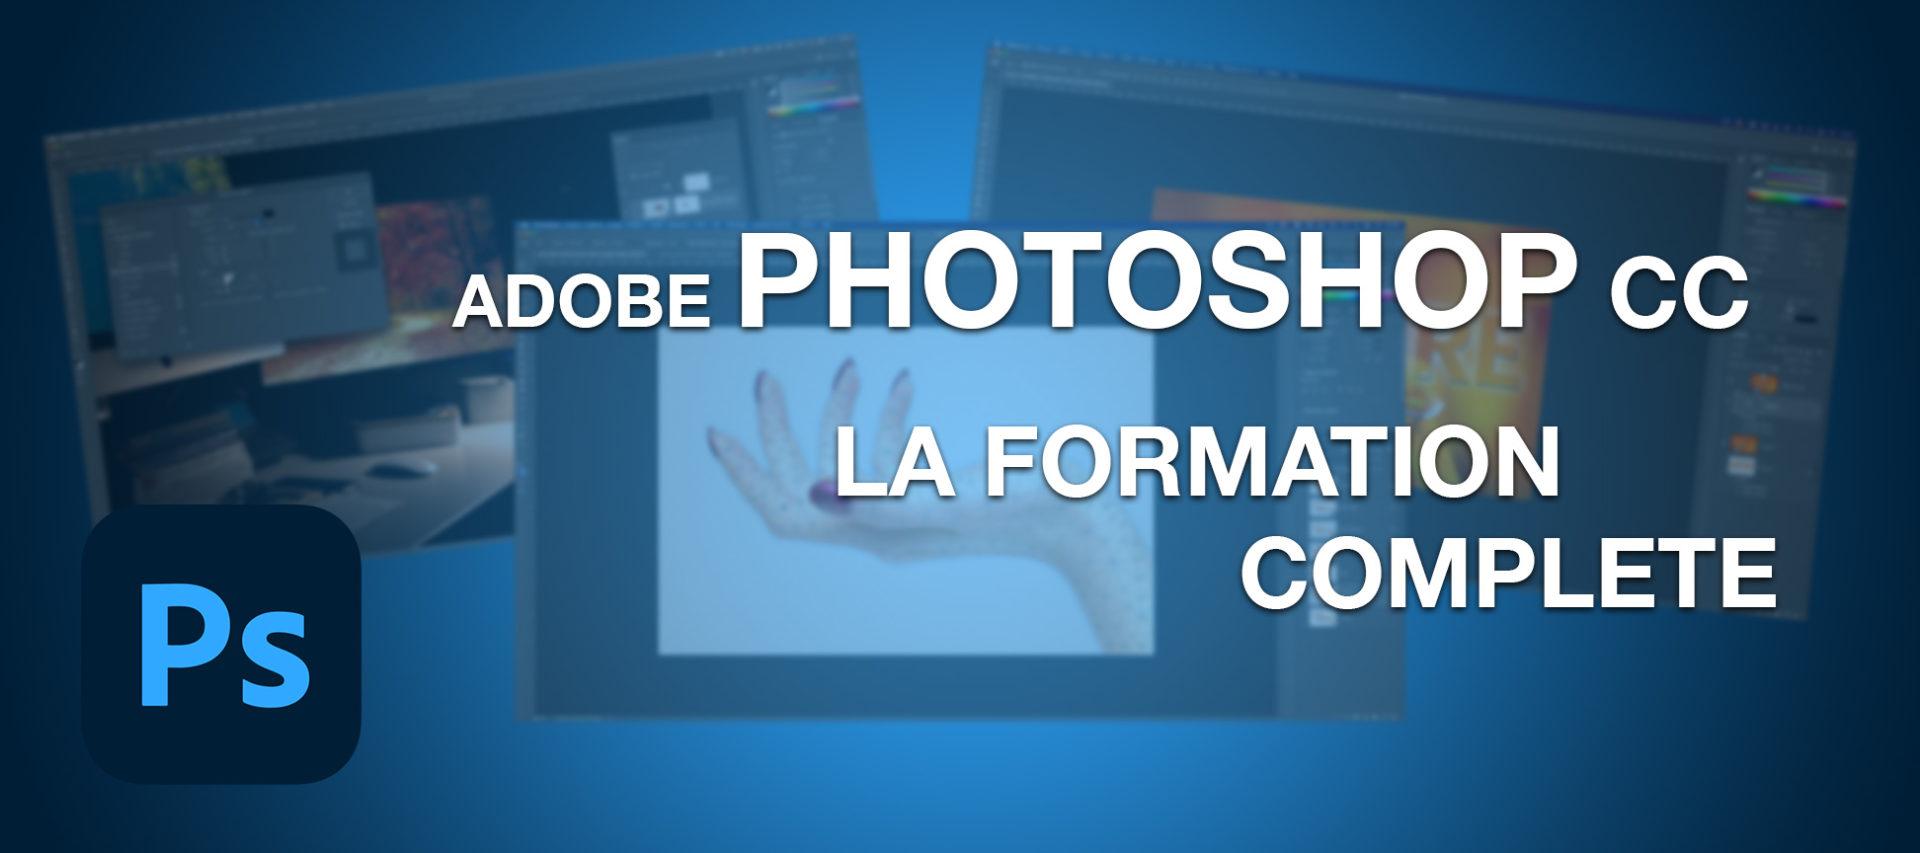 Adobe Photoshop CC la formation complète en vidéo